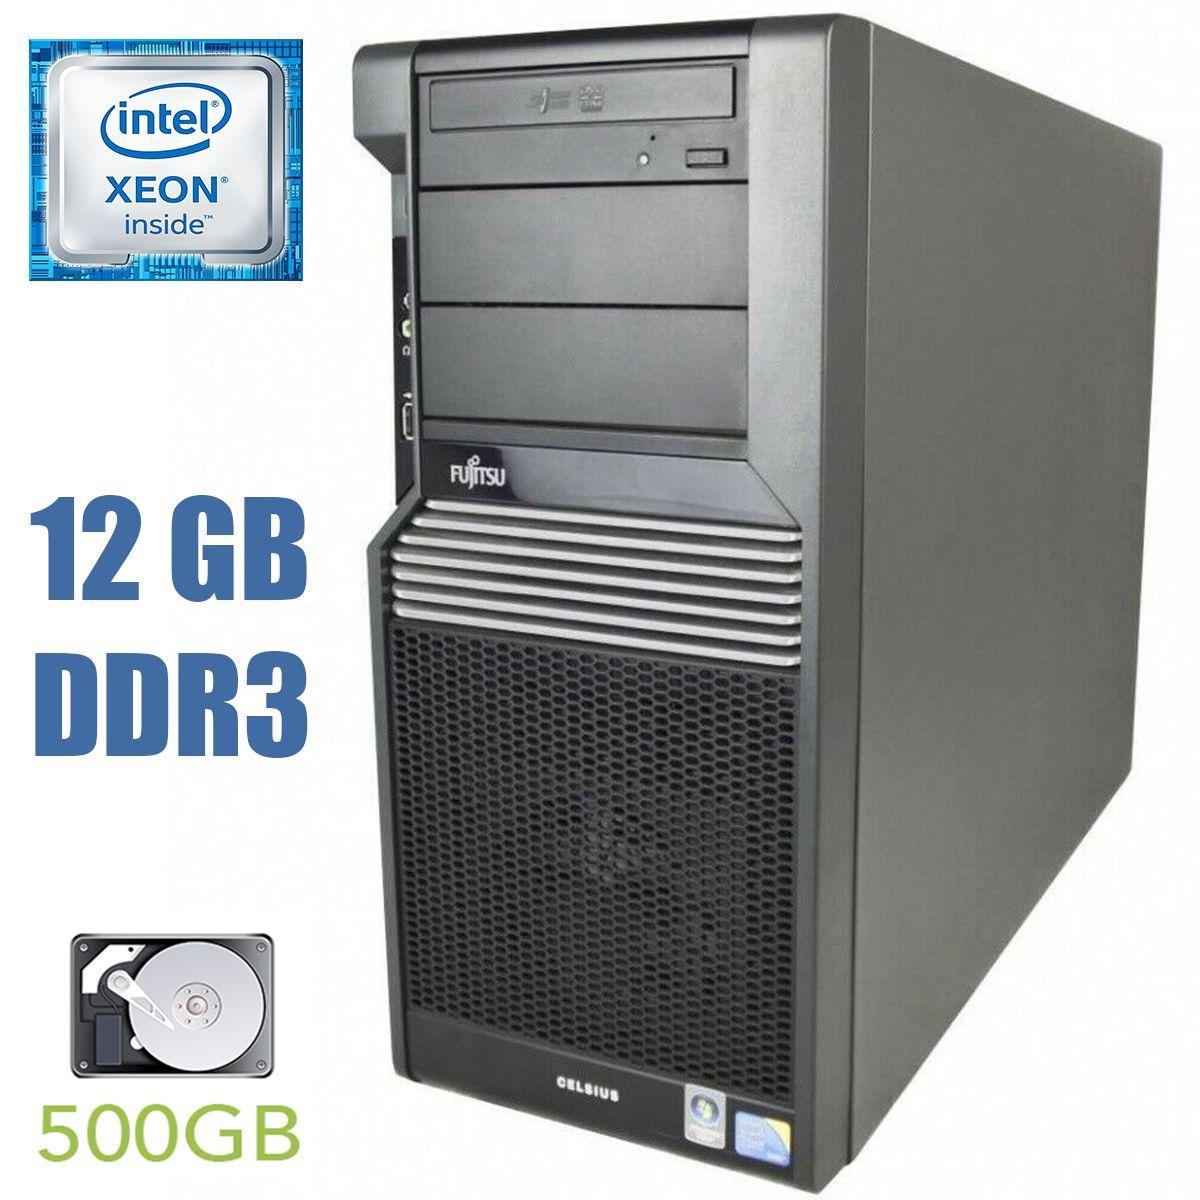 Fujitsu Celsius R670 / Intel Xeon X5550 (4(8) ядер по 2.66 - 3.06GHz) / 12GB DDR3 / 500GB HDD / nVidia Quadro